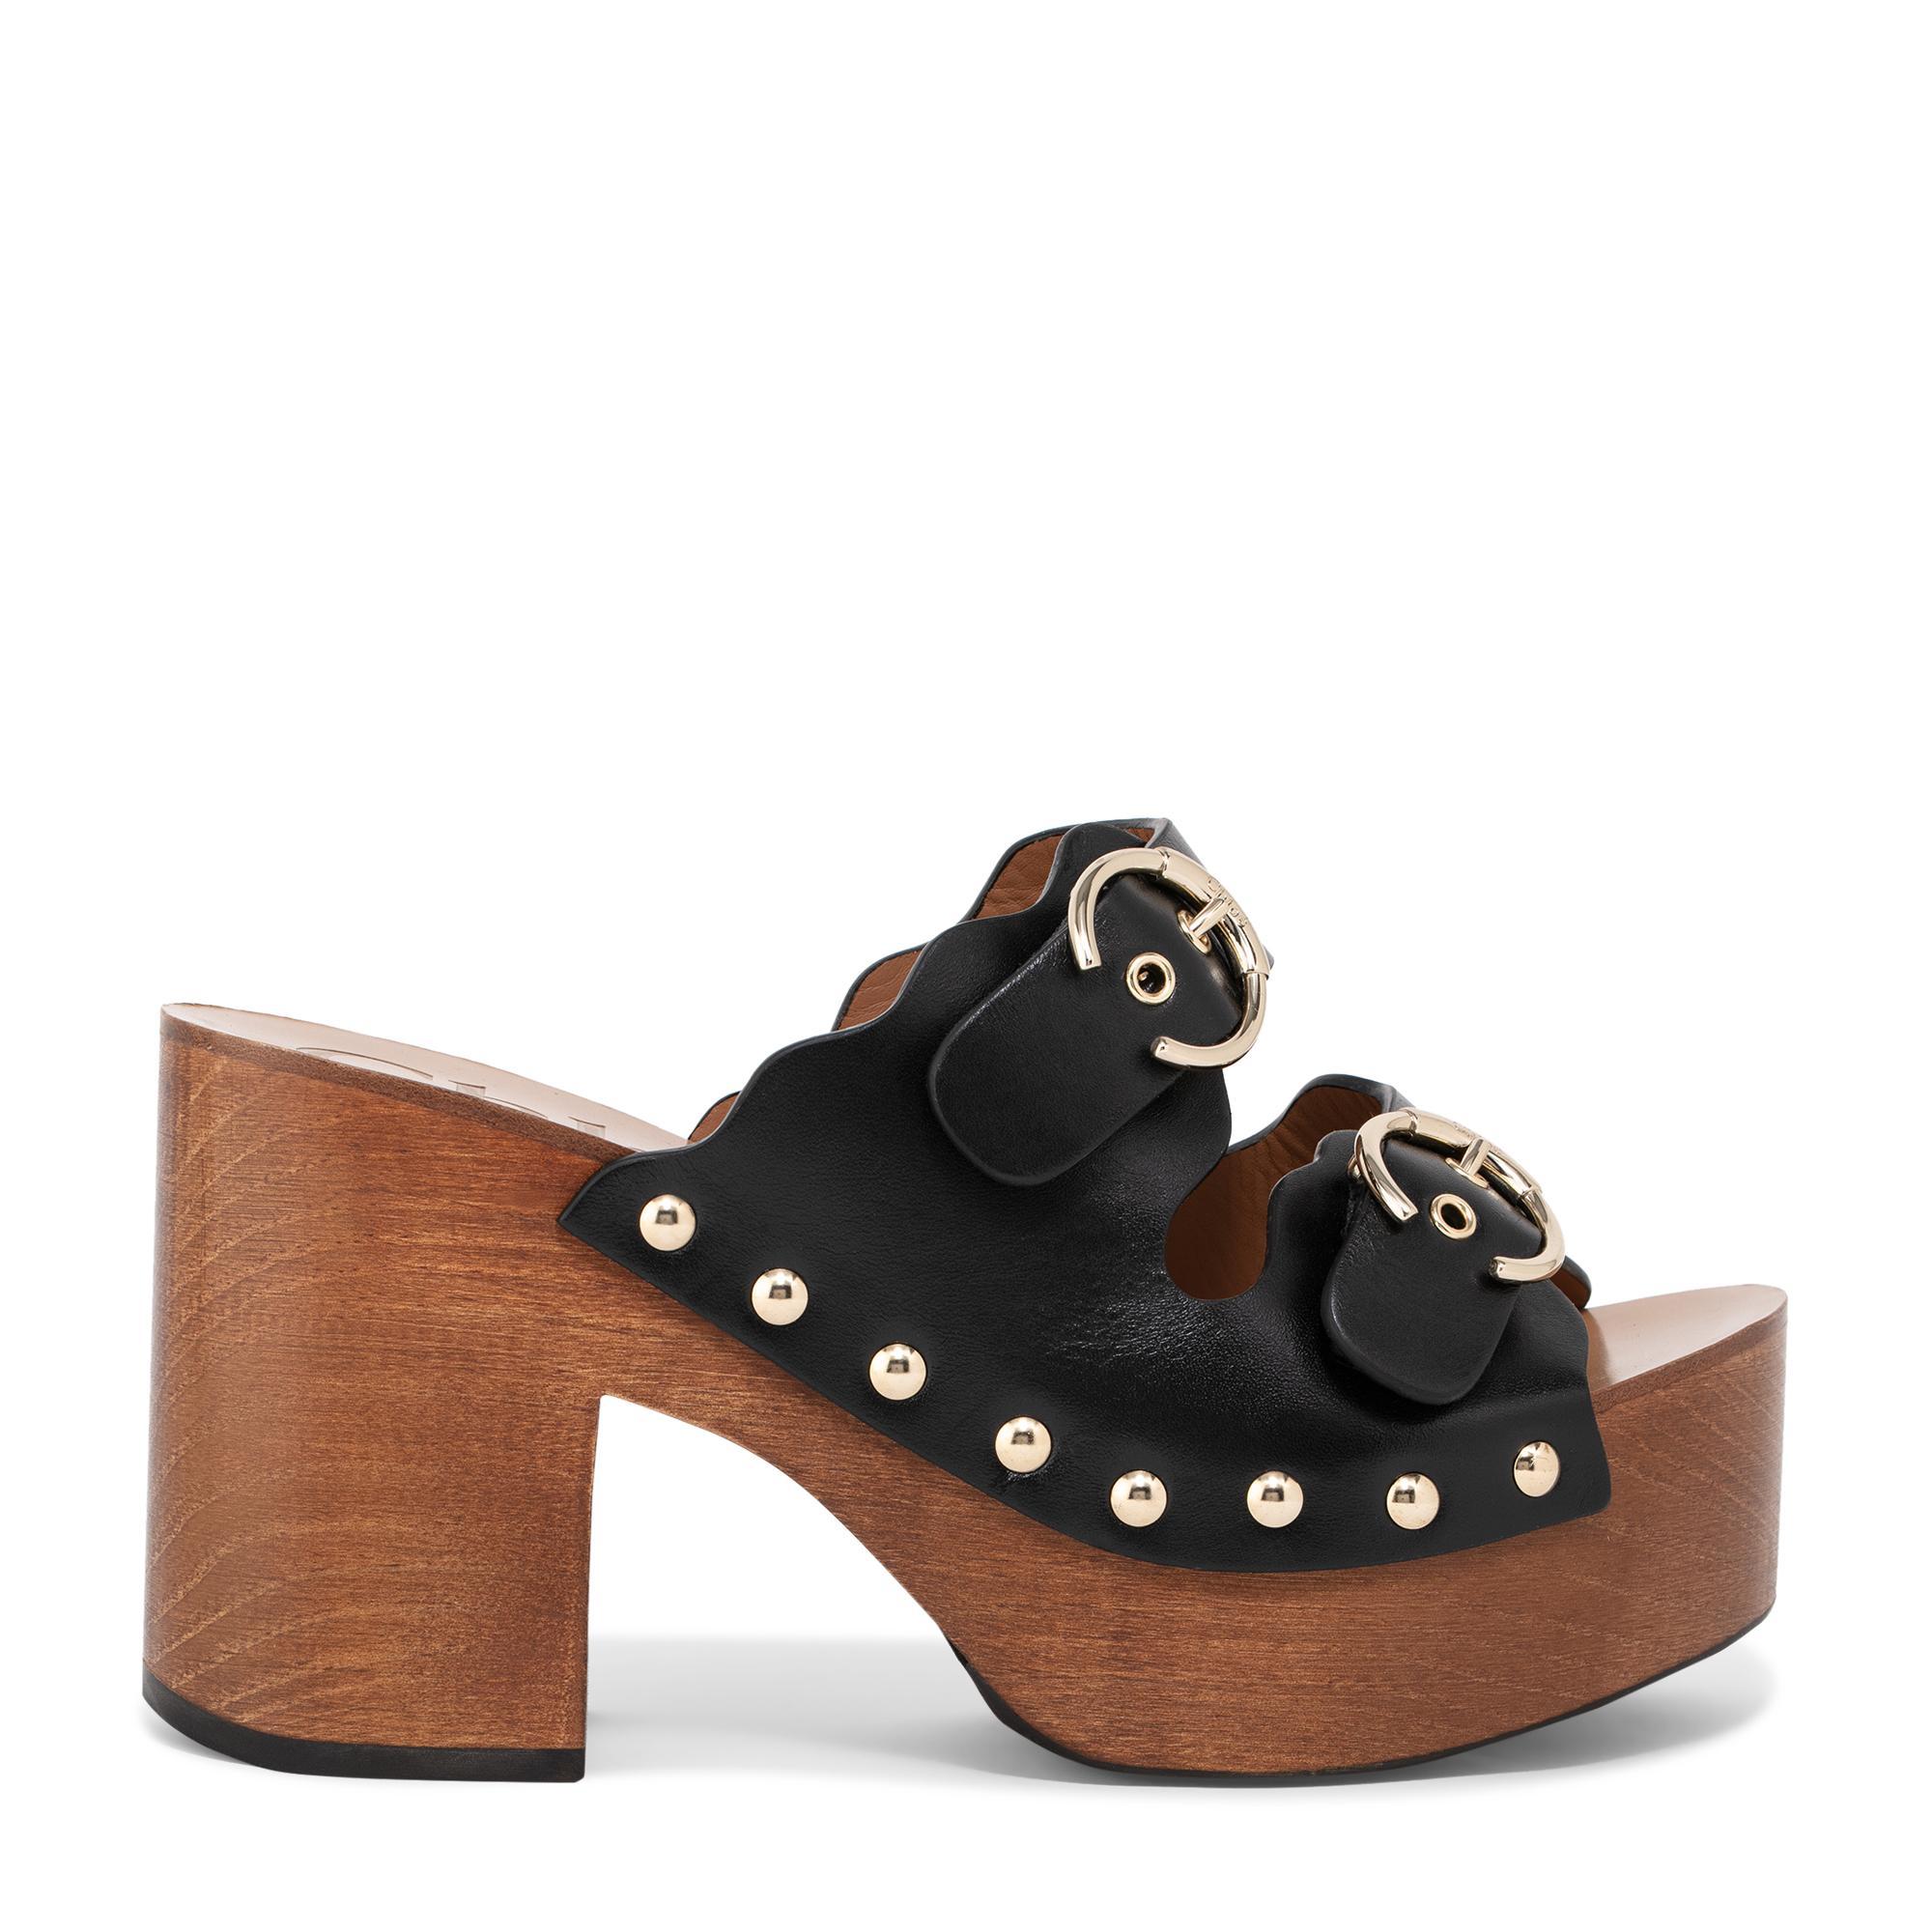 حذاء مفتوح من الخلف بتصميم خشبي